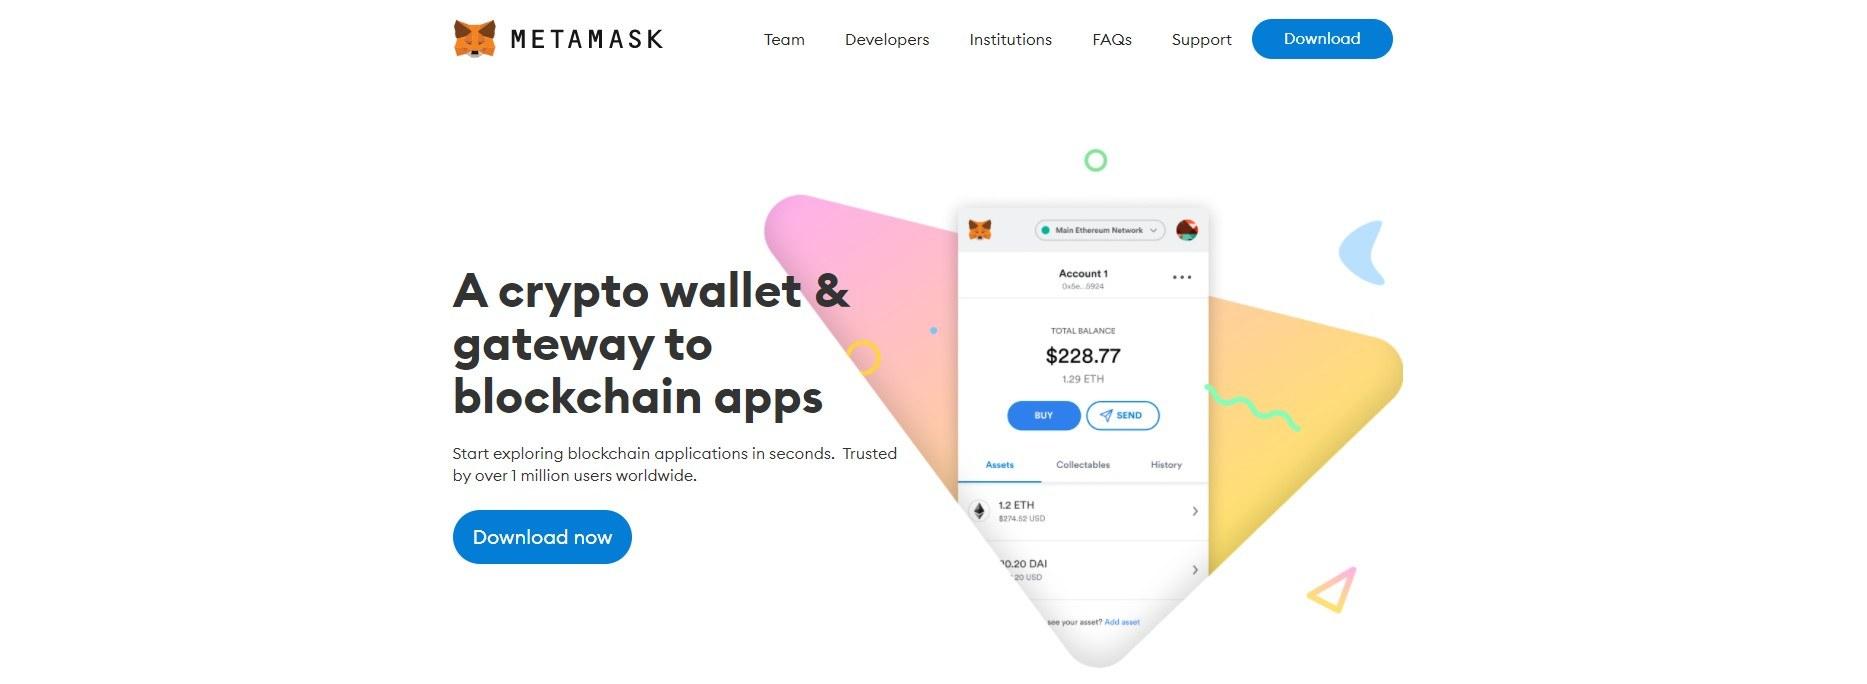 Metamask homepage